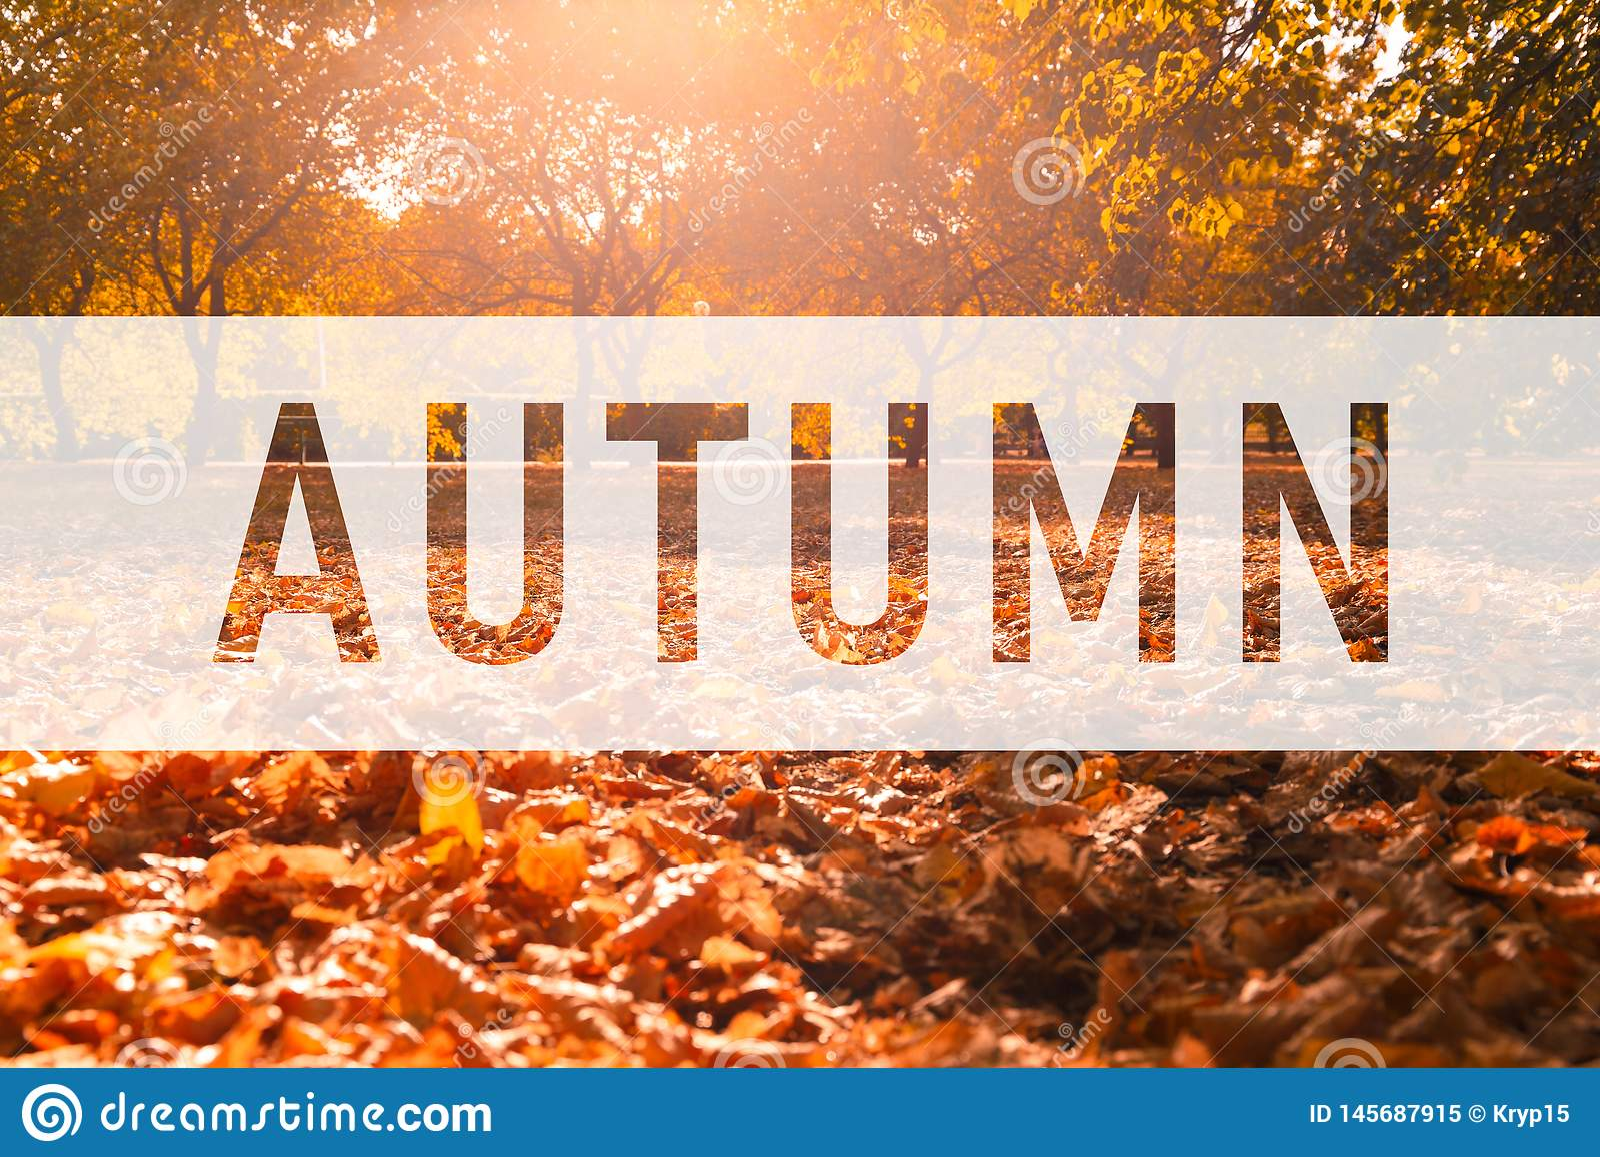 Herbst, Text auf bunten Fallblättern grüßend